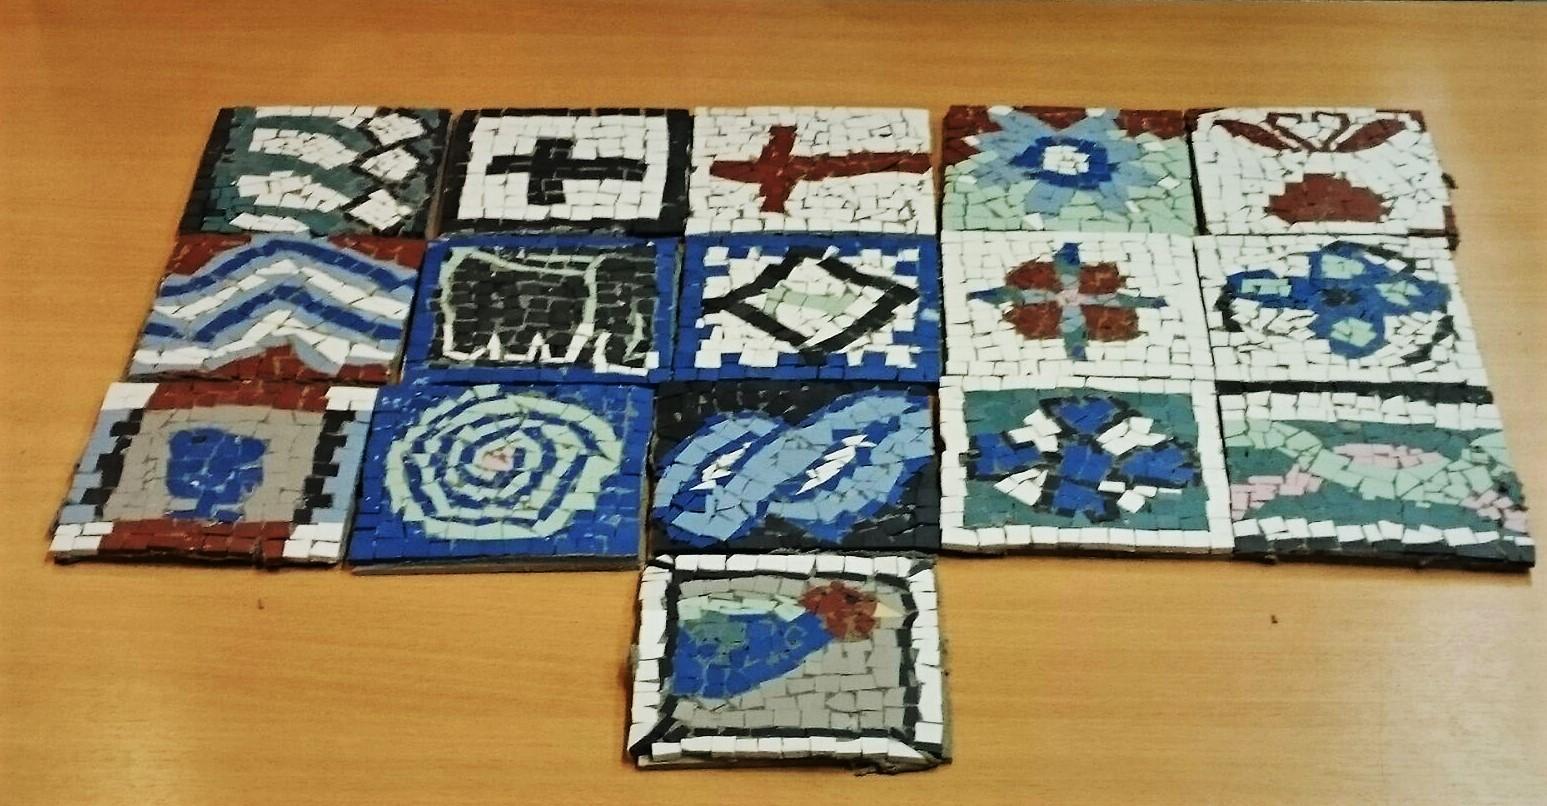 Mosaik---Ergebnis.jpg